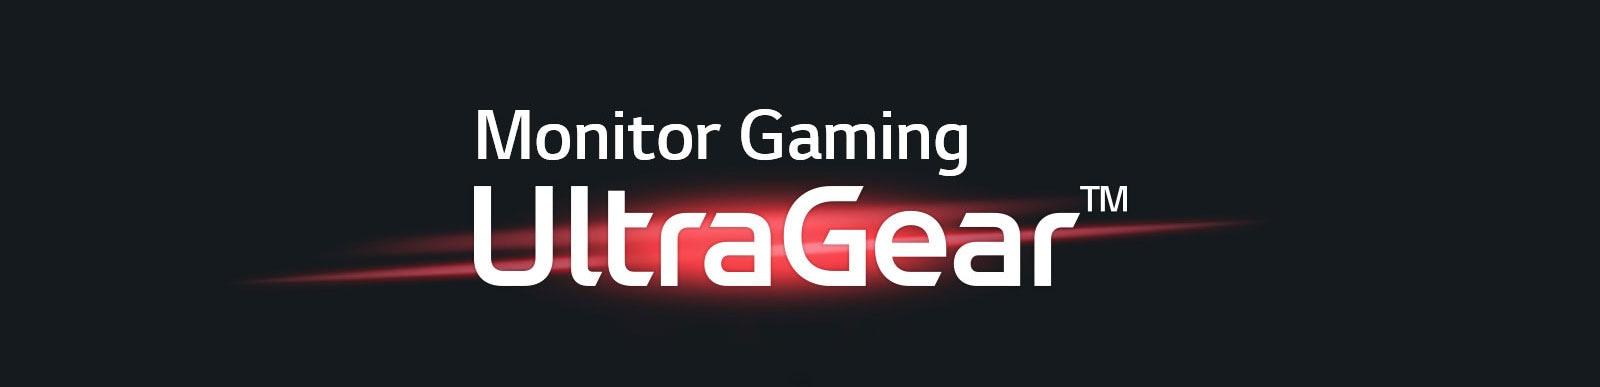 MNT-27GL650F-01-1-UltraGear-D_v3